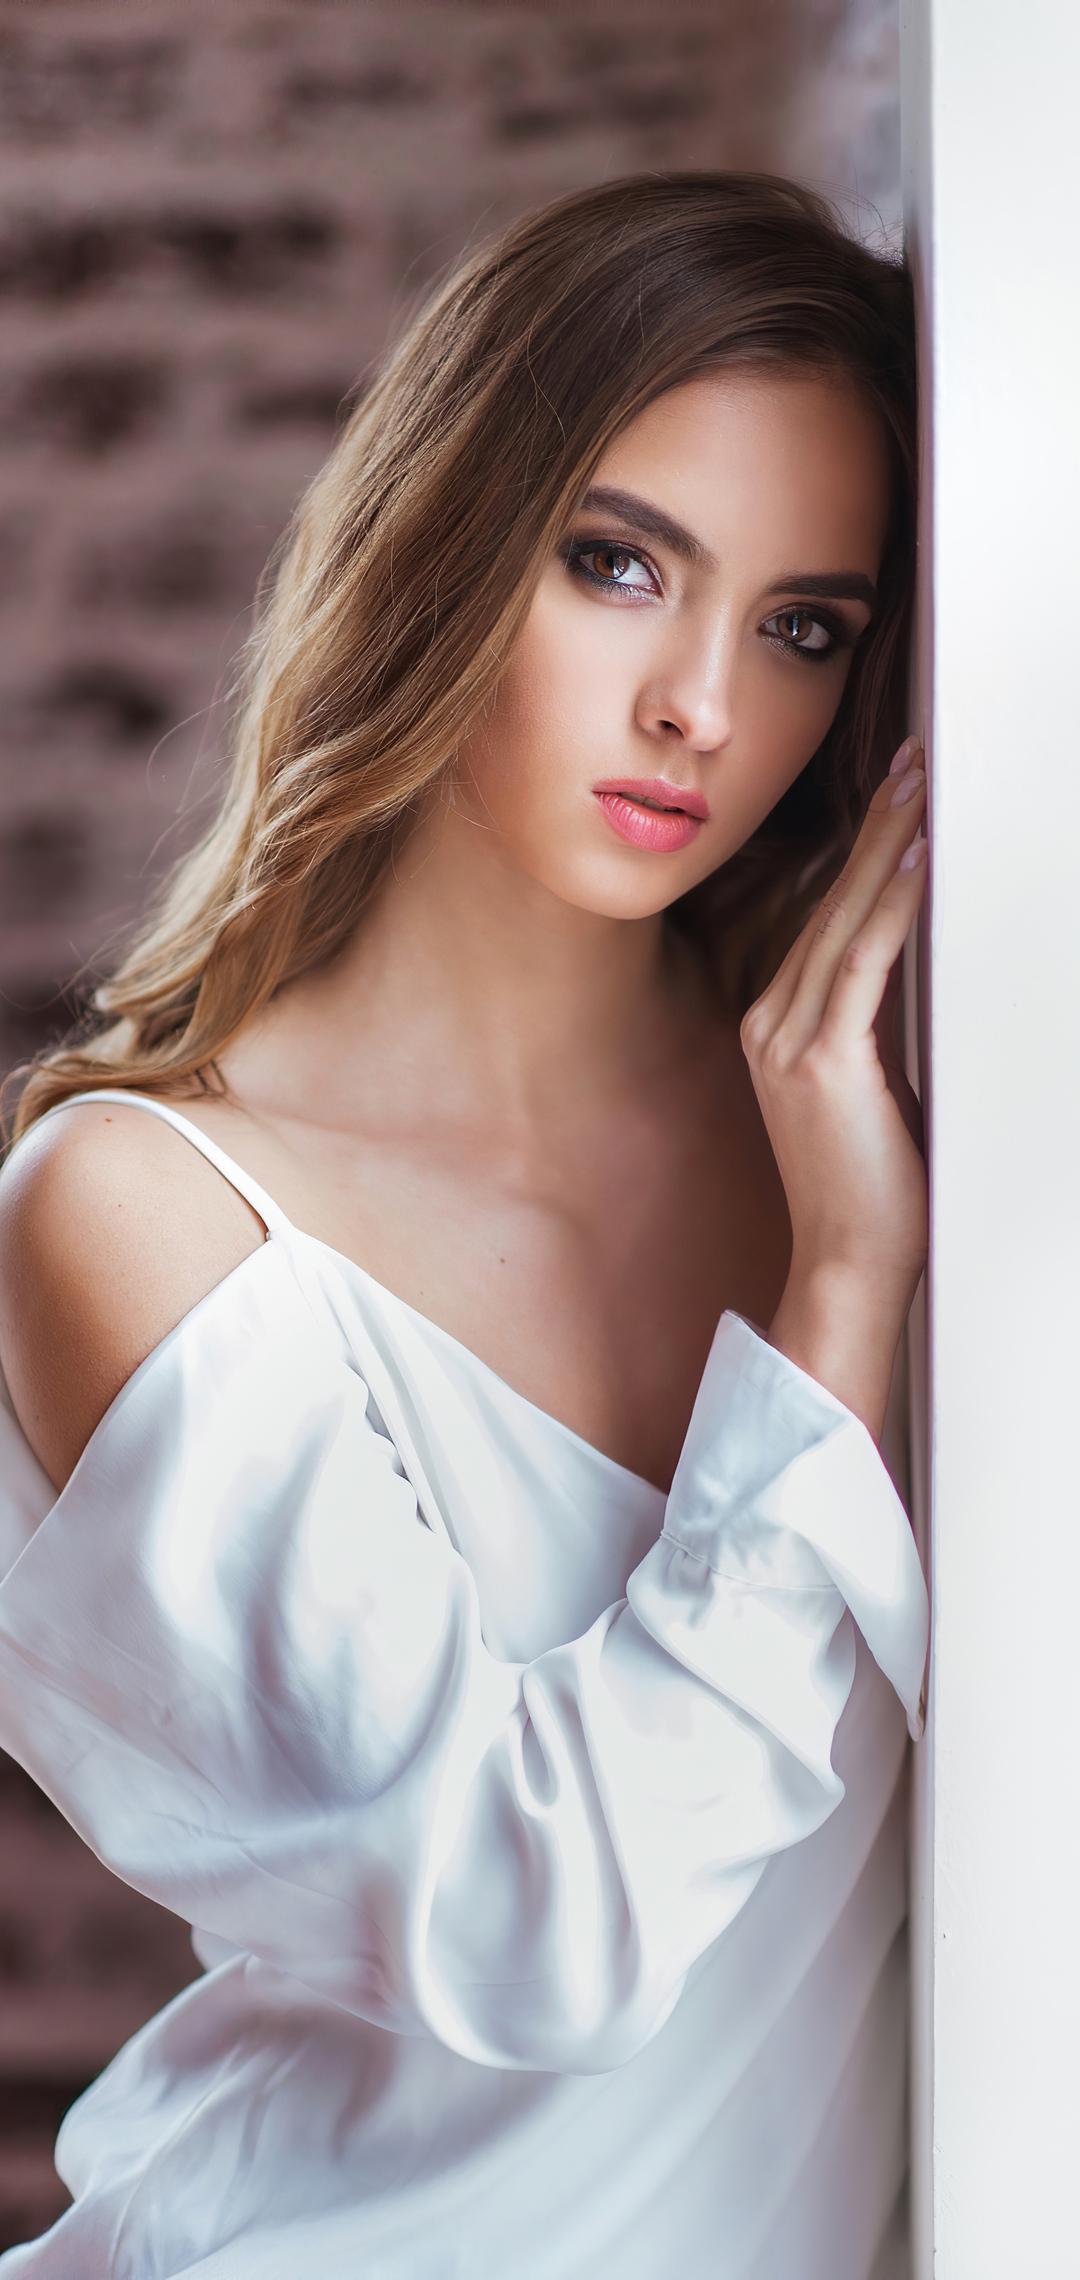 girl-closeup-portrait-4k-jw.jpg